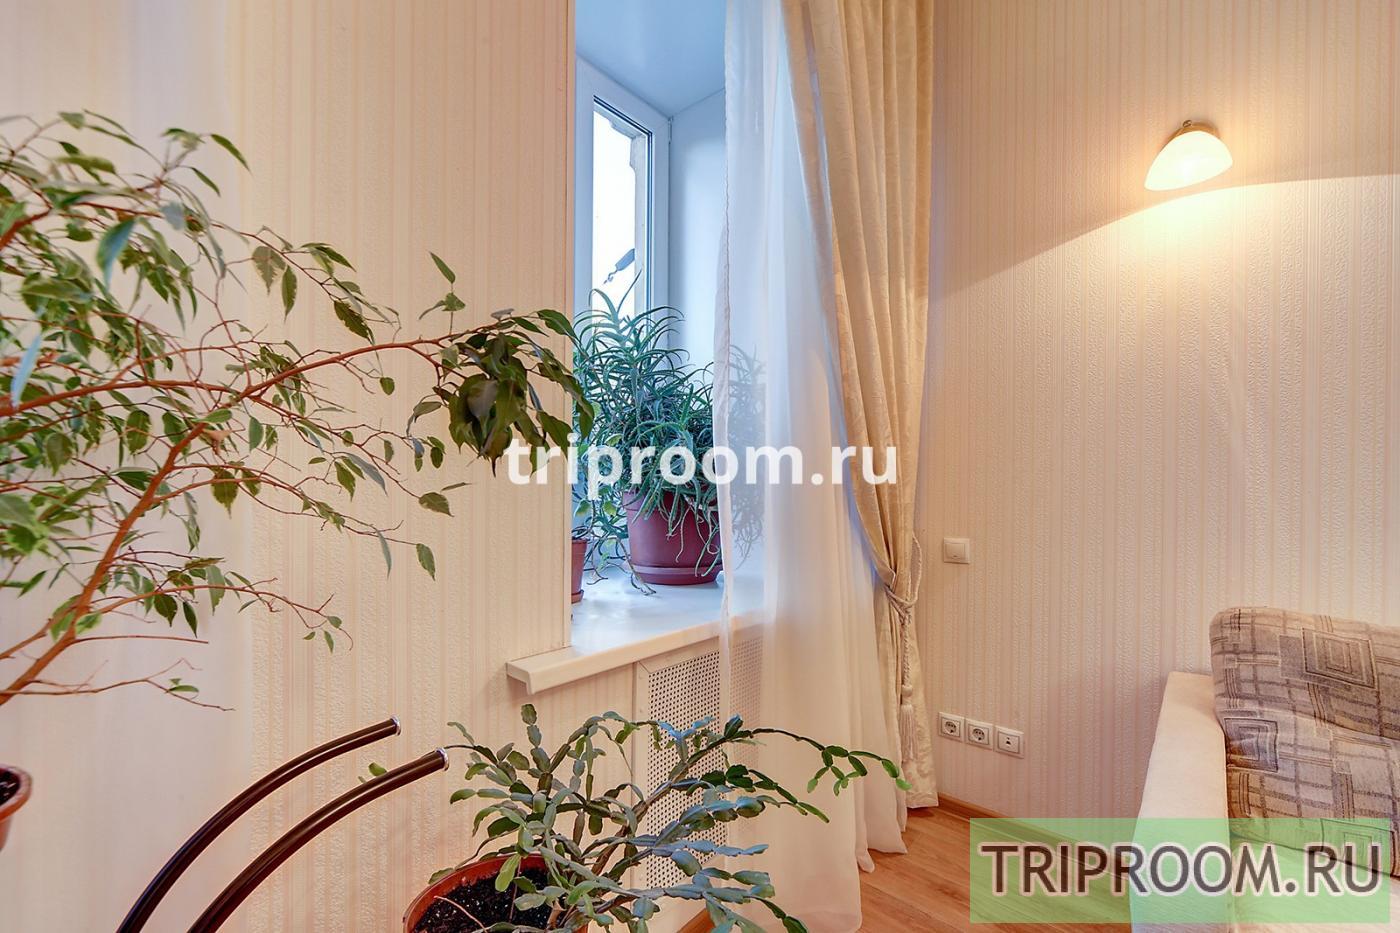 2-комнатная квартира посуточно (вариант № 15459), ул. Адмиралтейская набережная, фото № 7